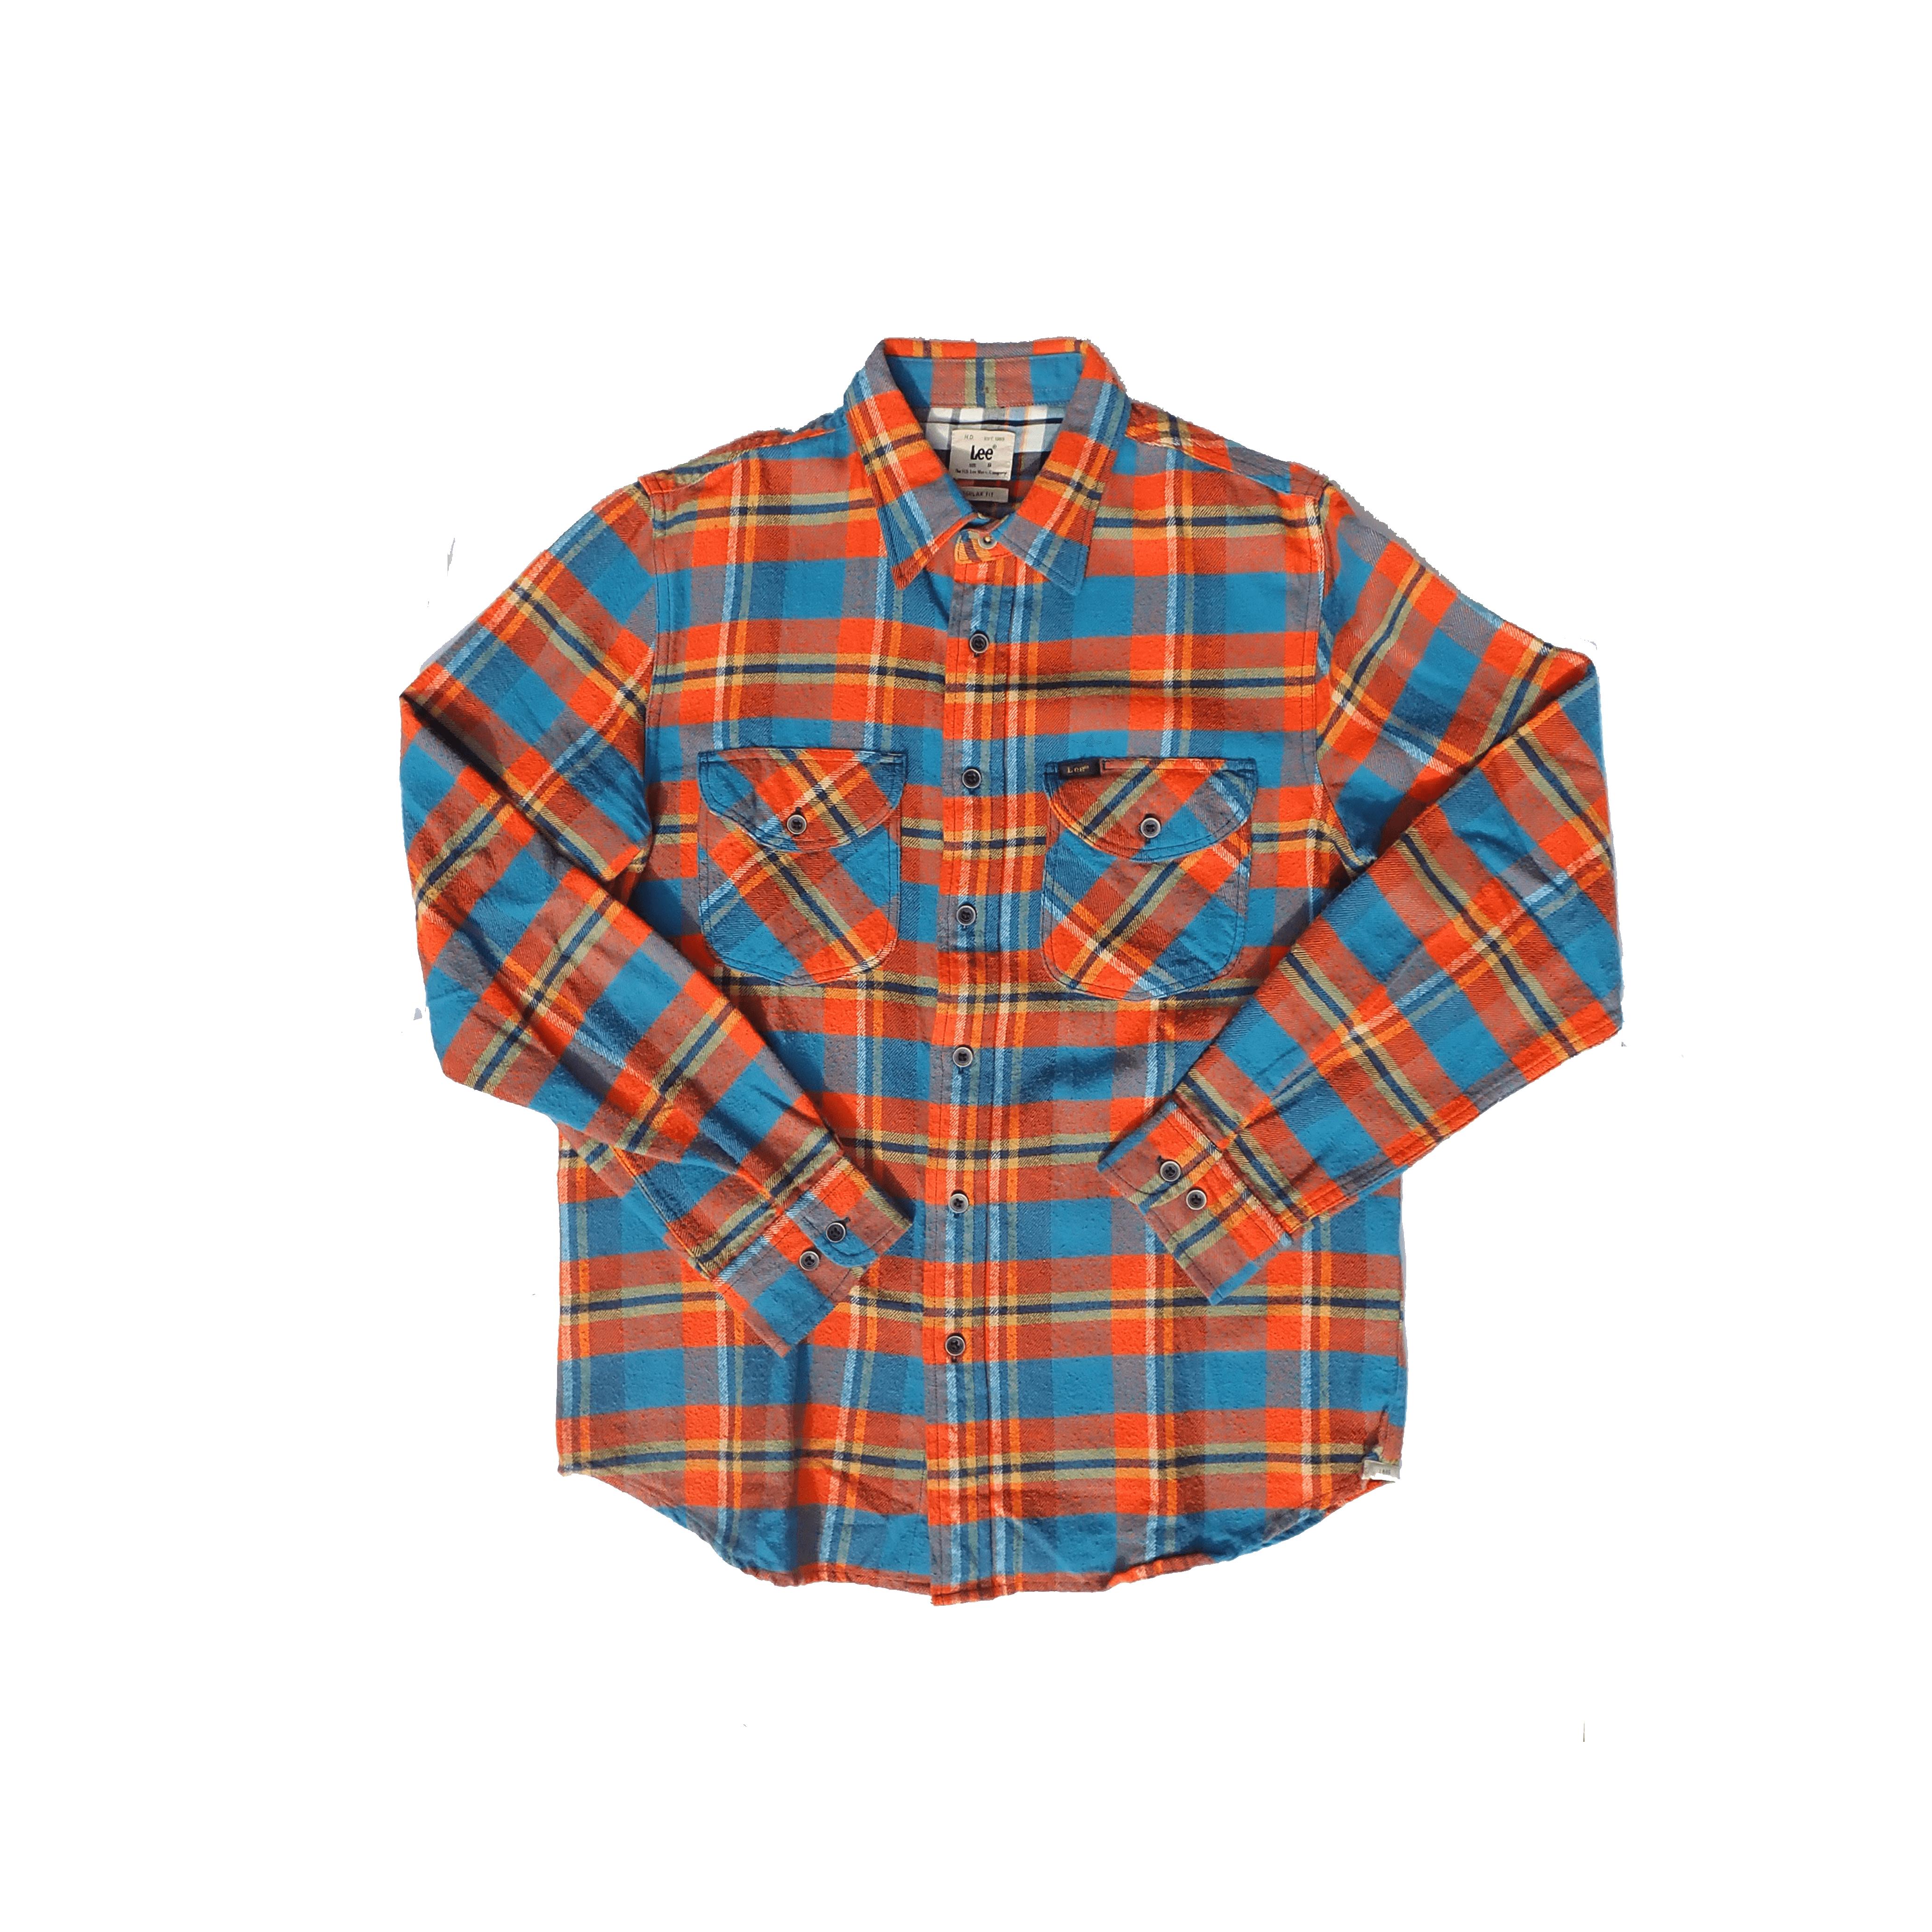 Lee Orange Button Up Shirt